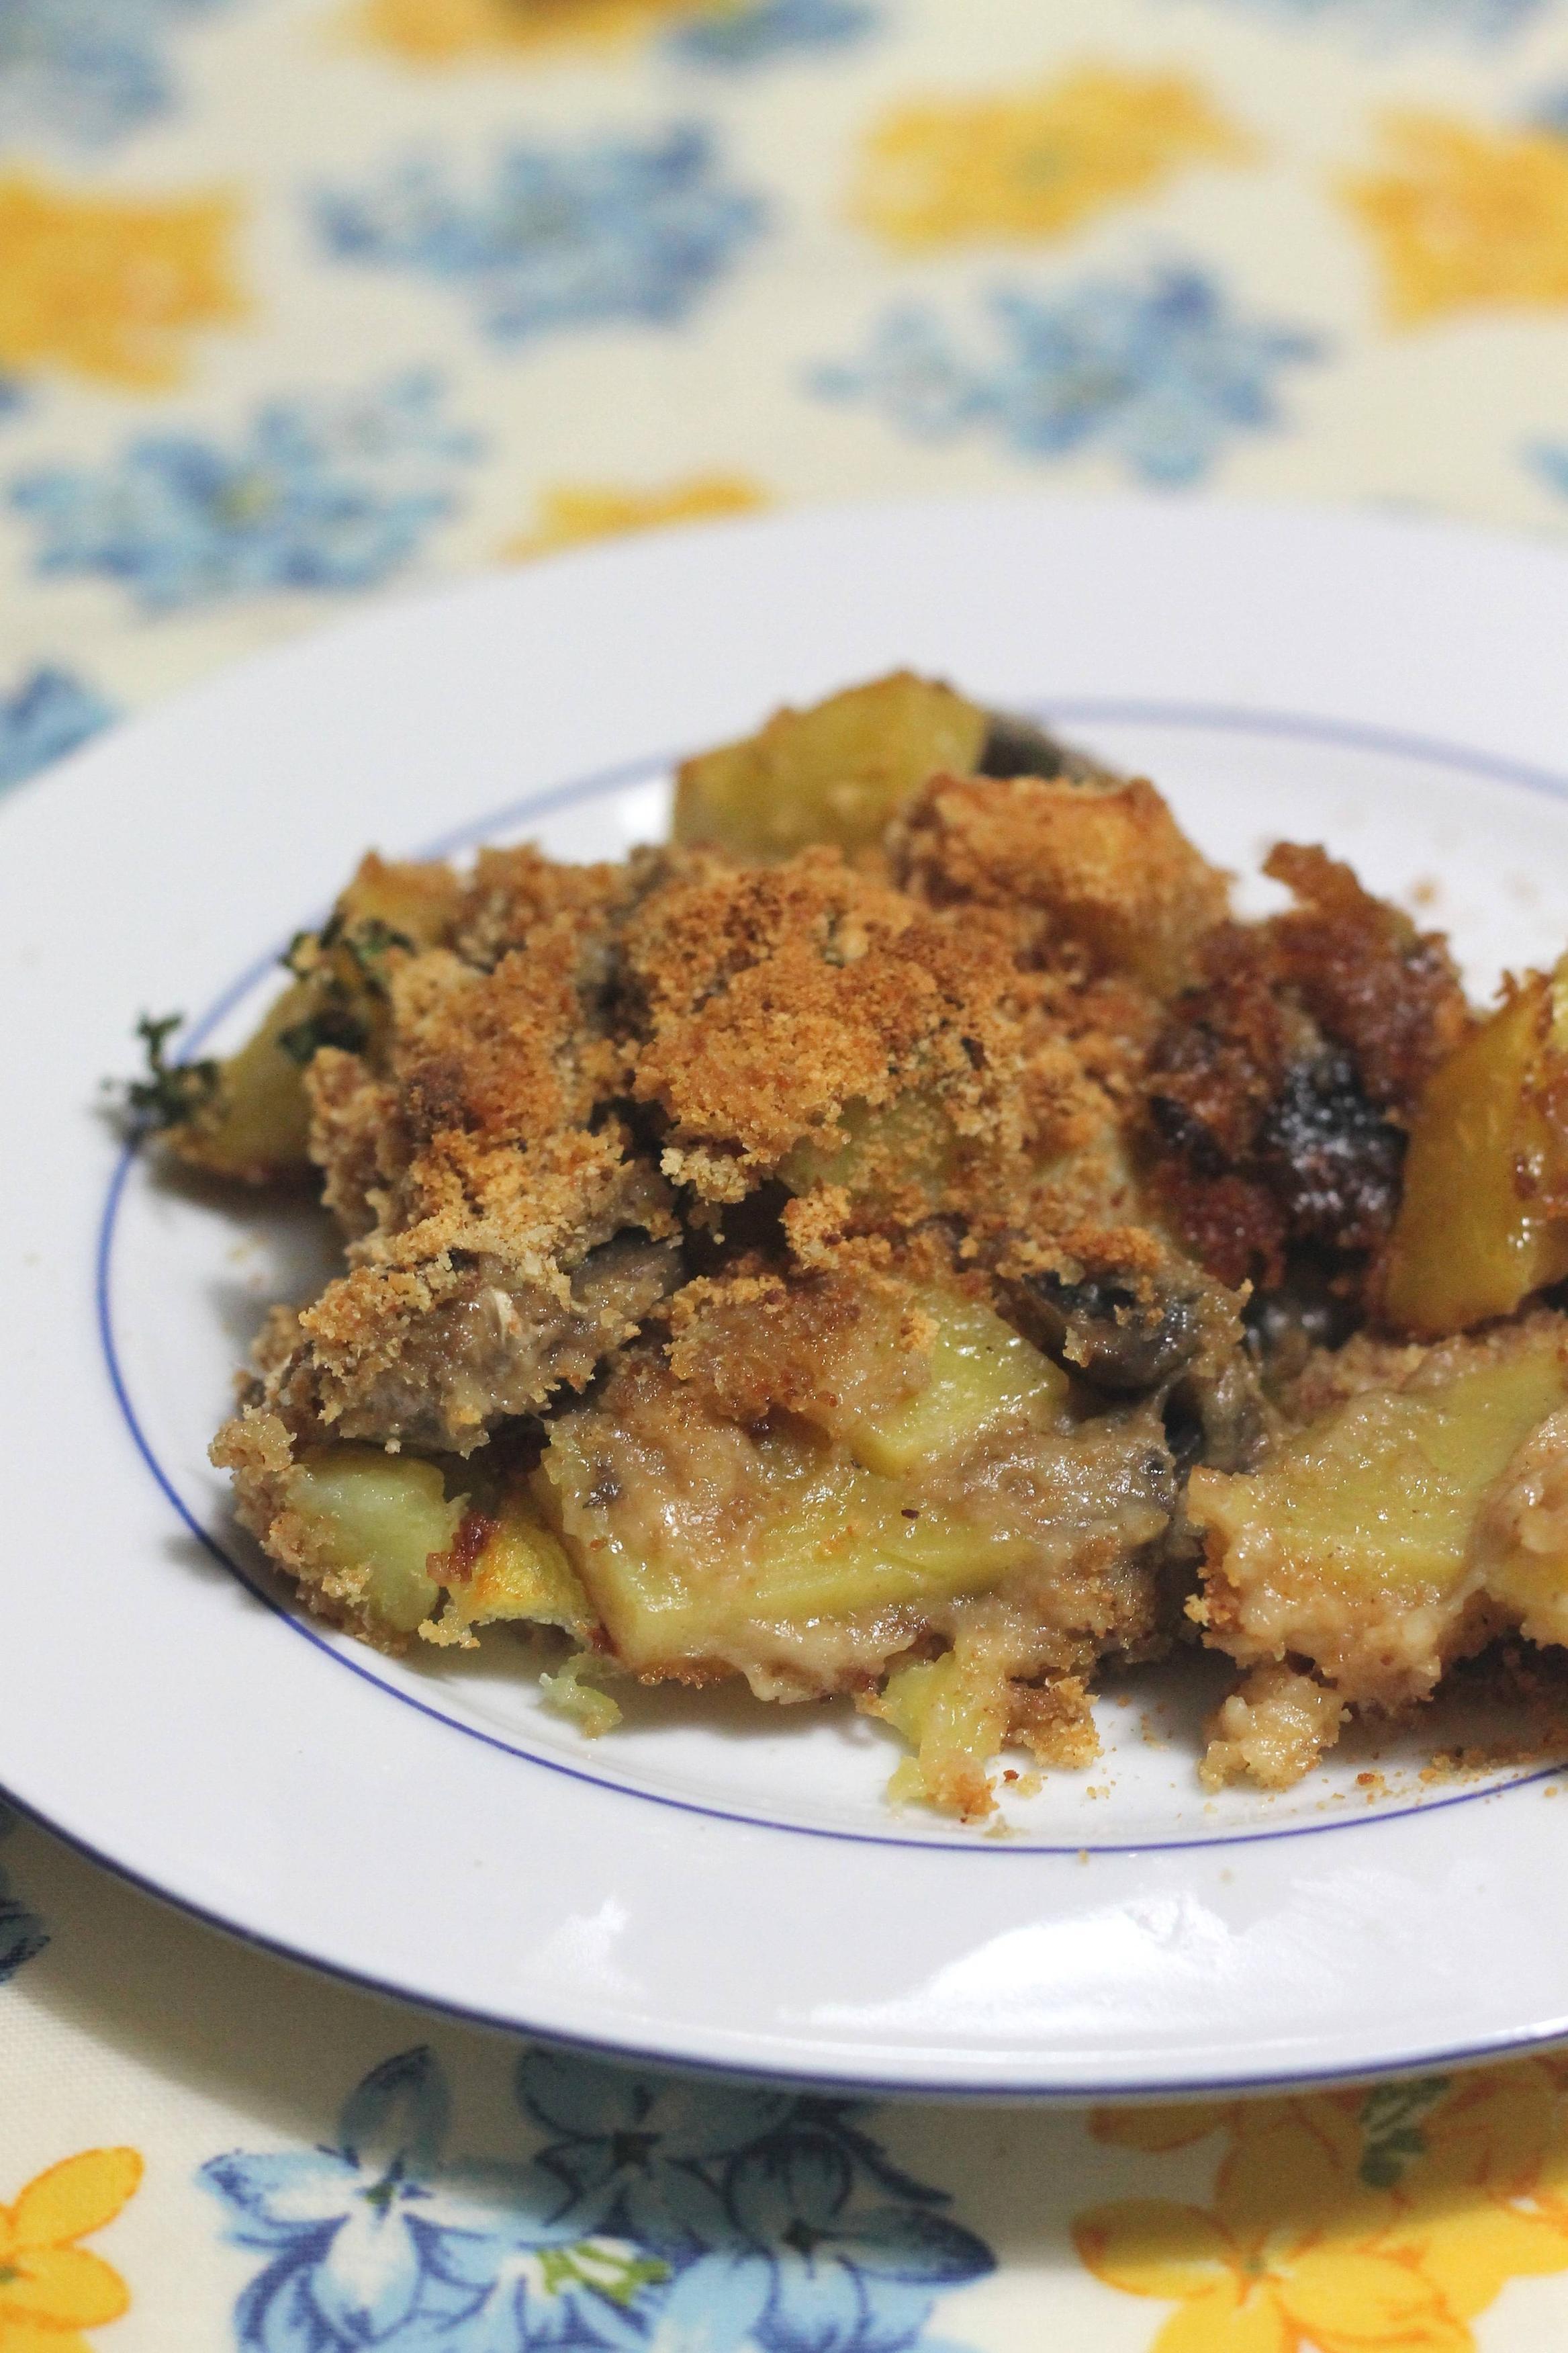 Funghi e patate al gratin ricetta facilissima e gustosa - Cucinare patate americane ...